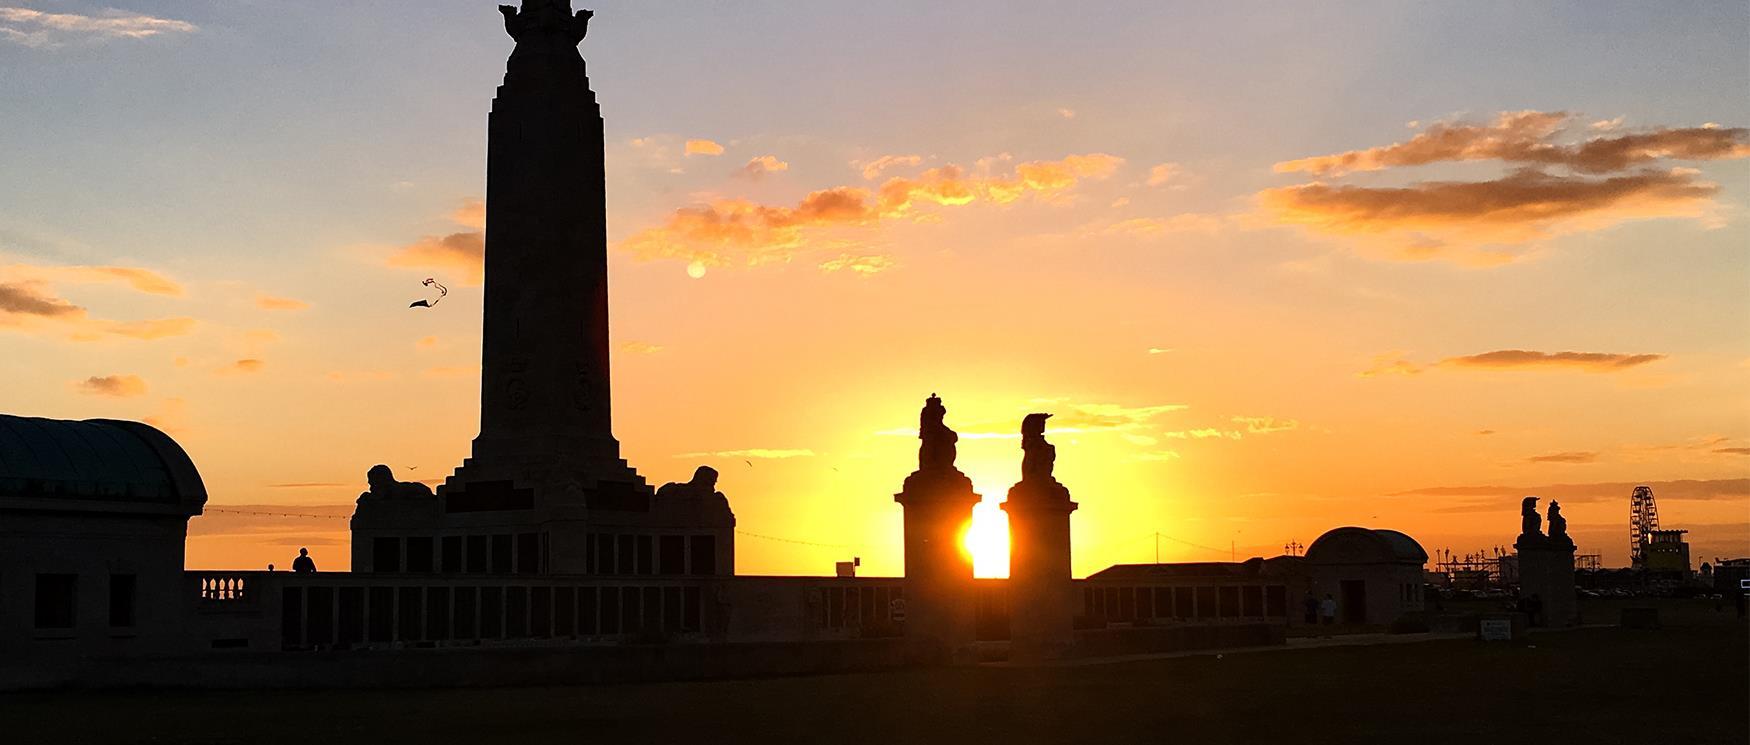 Sunset at Southsea War Memorial